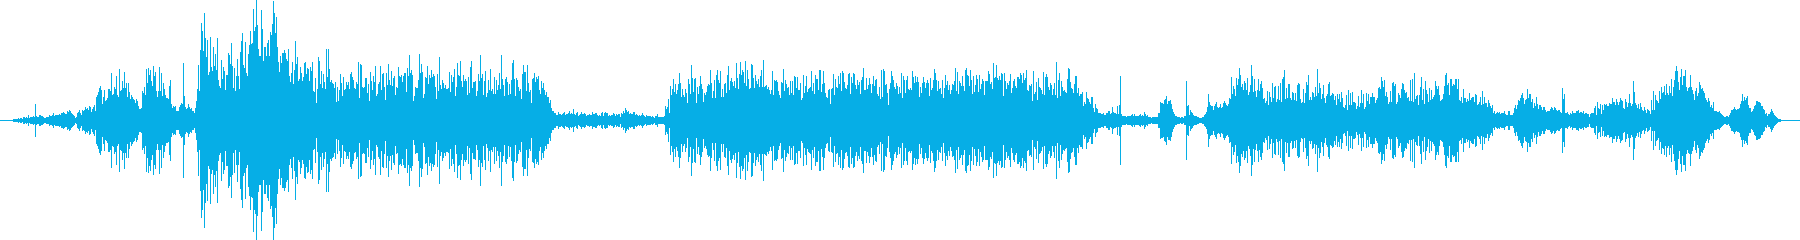 うなり声を上げる大きな犬、2番目の...の再生済みの波形